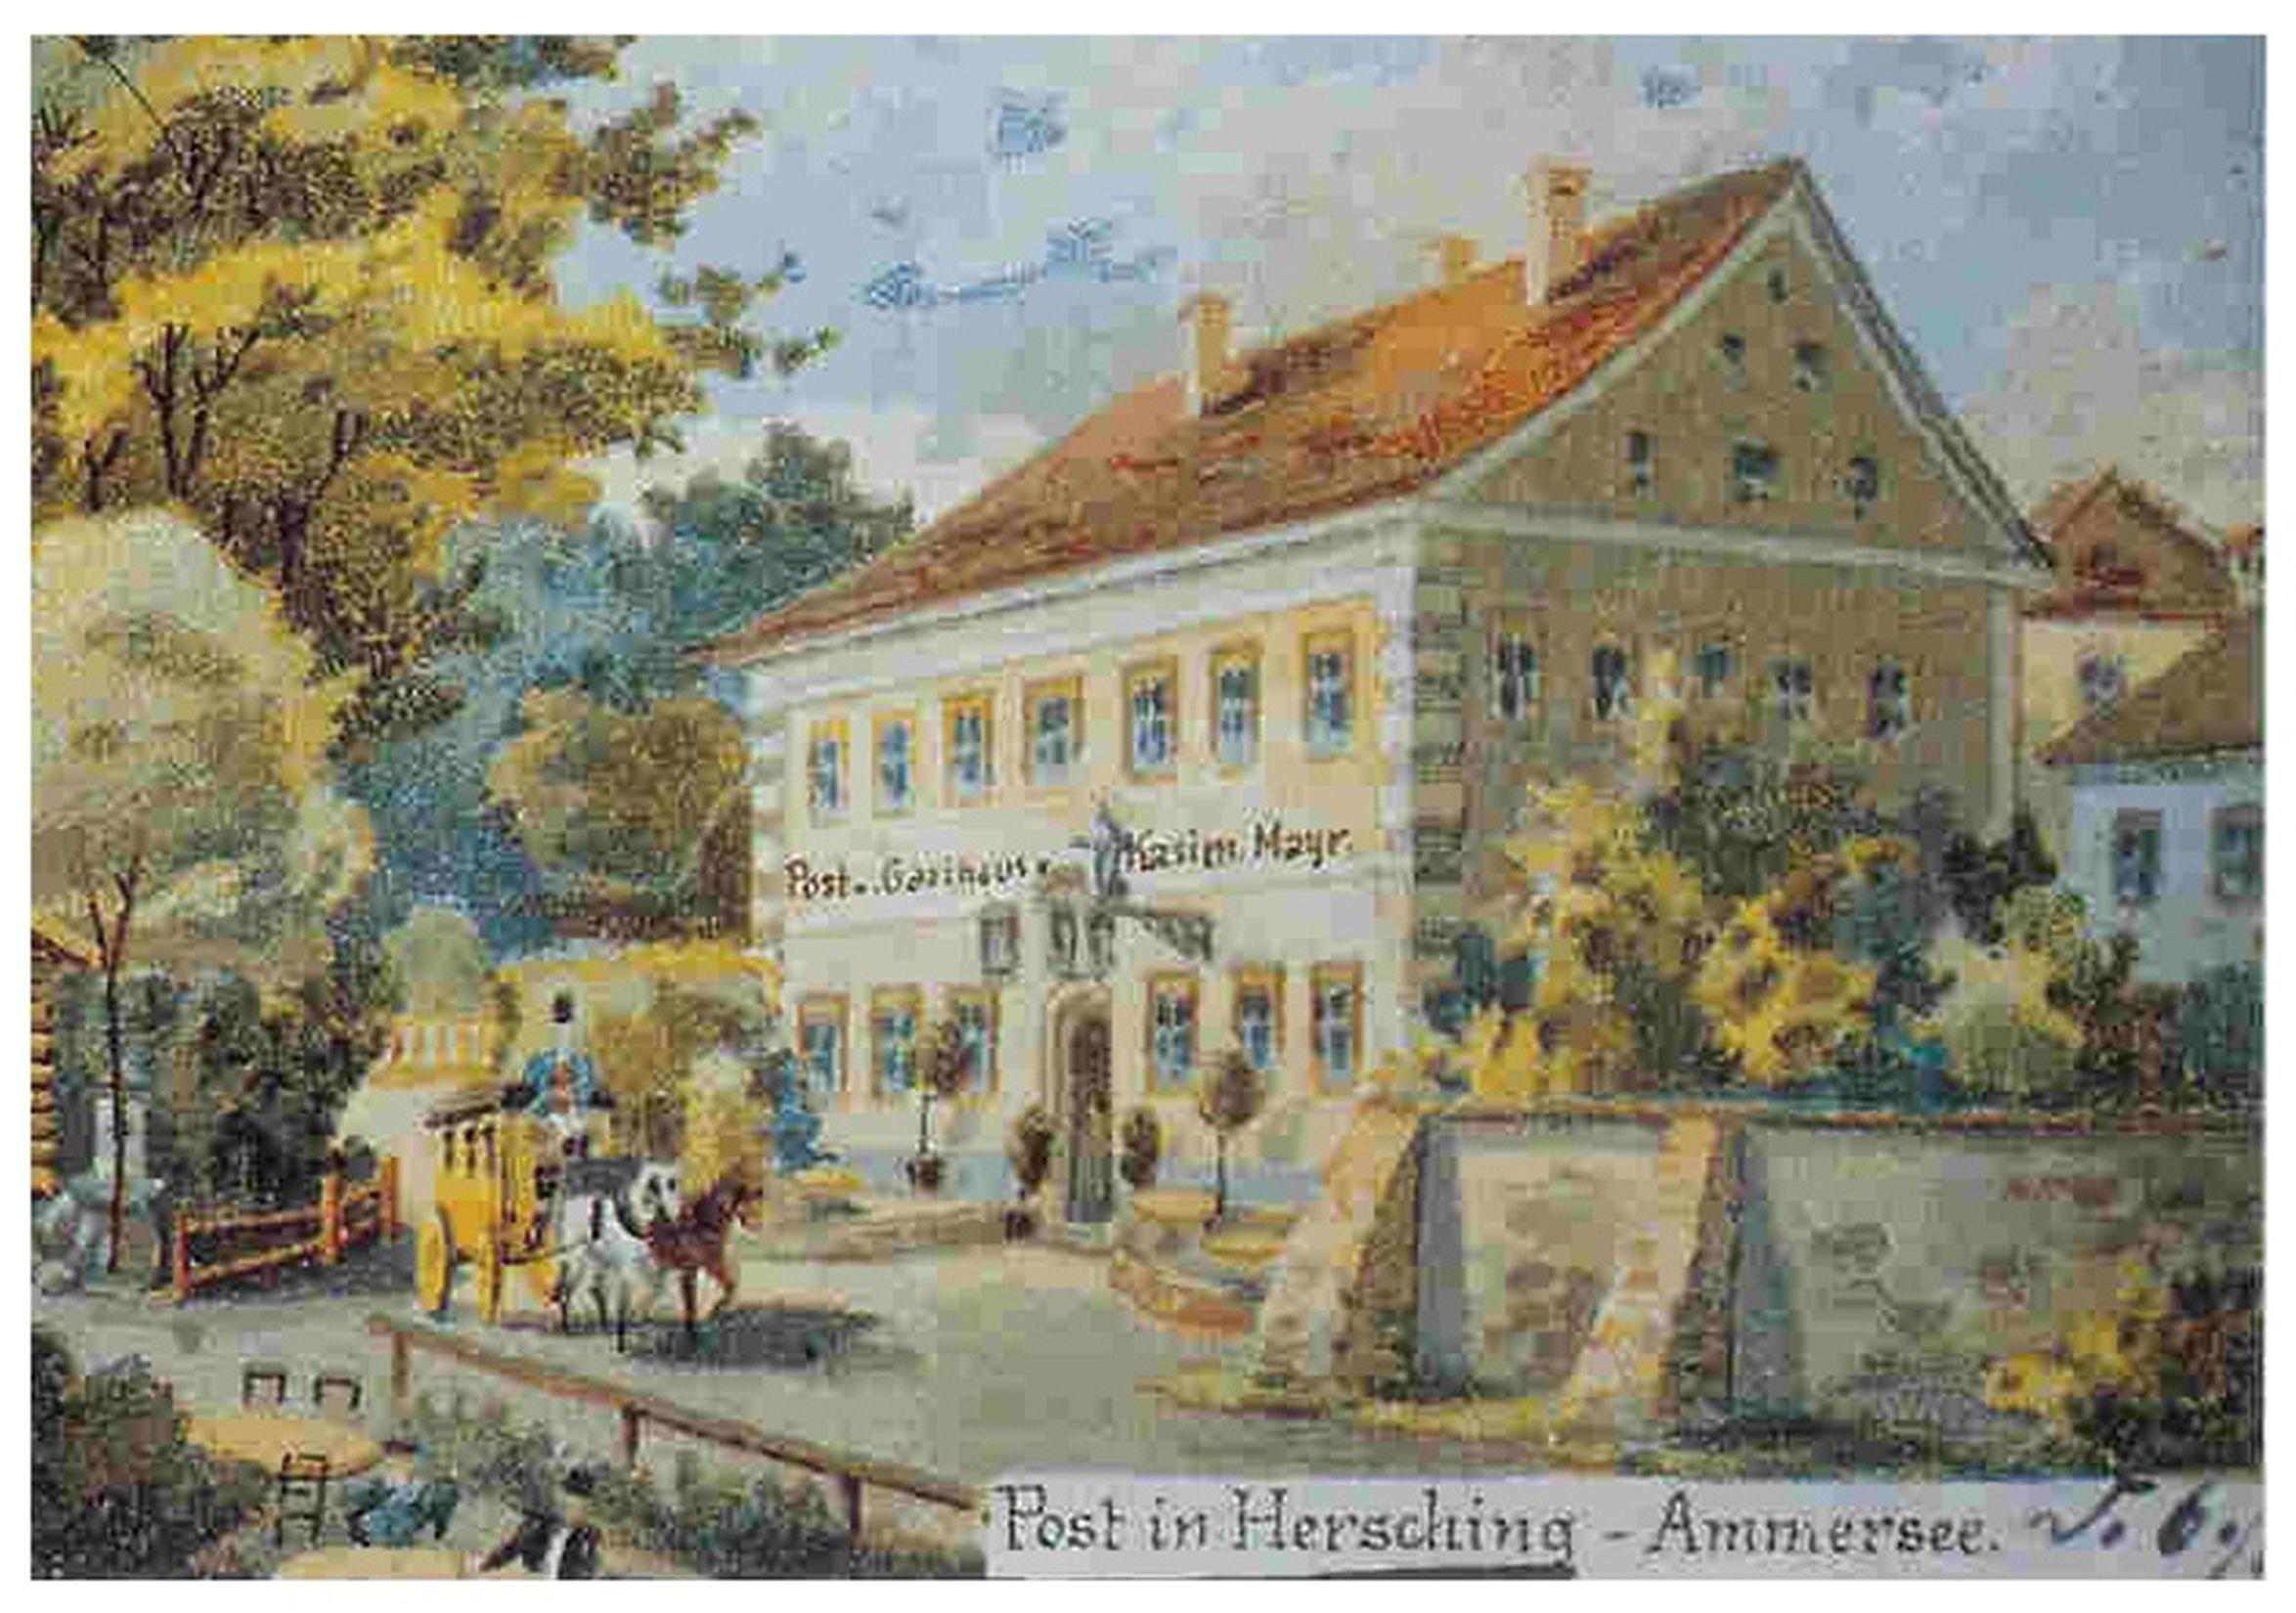 Geschichte Gasthof Post in Herrsching